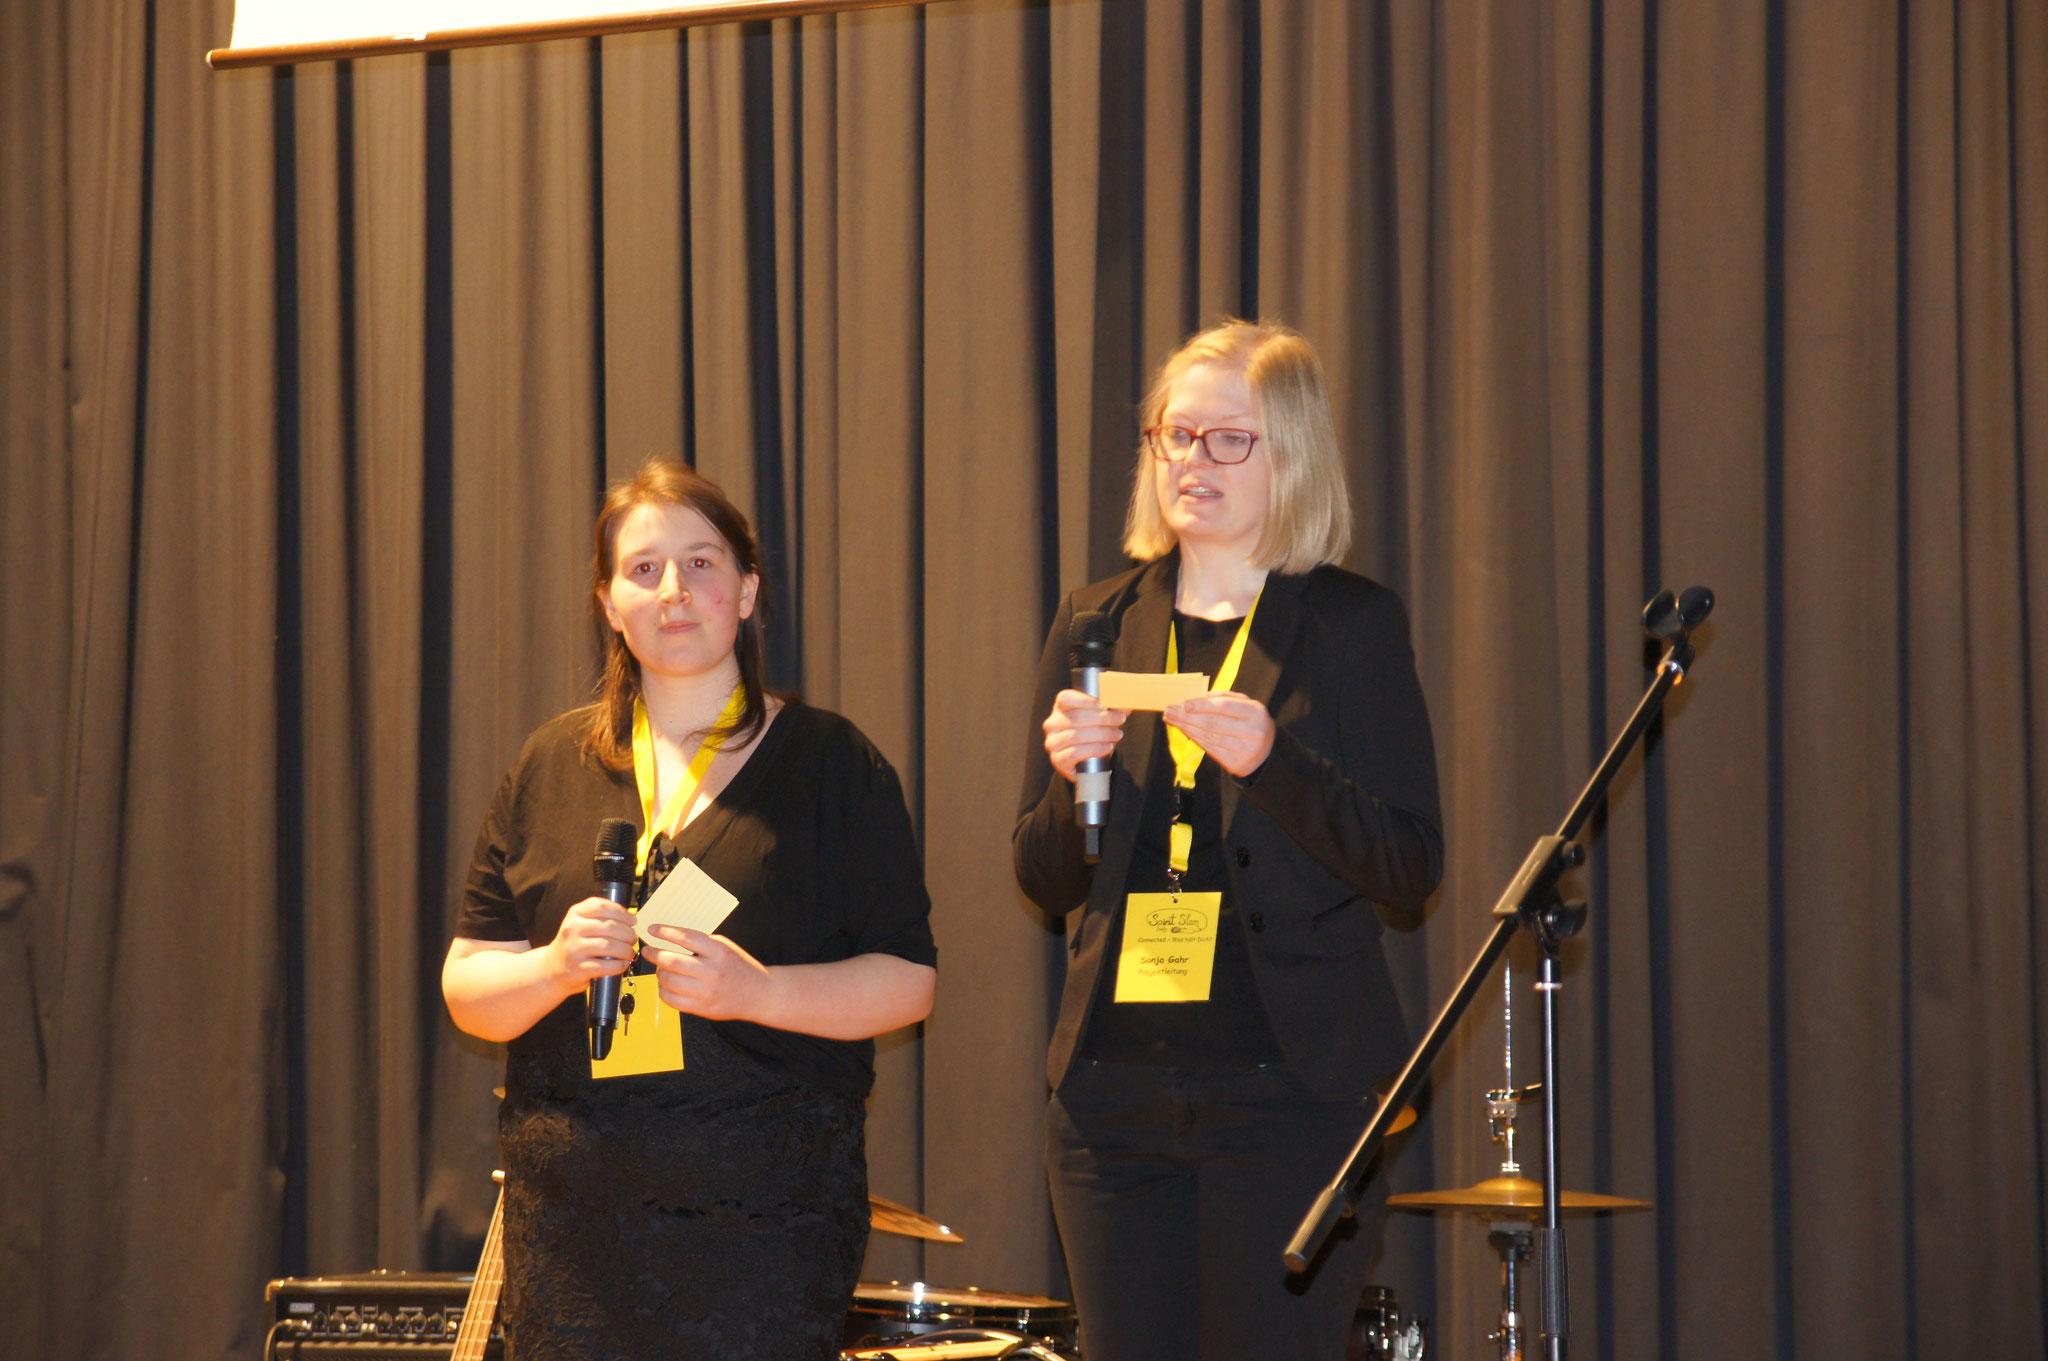 Lisa Birkmeier und Sonja Gahr vom Orgateam begrüßen die Gäste.